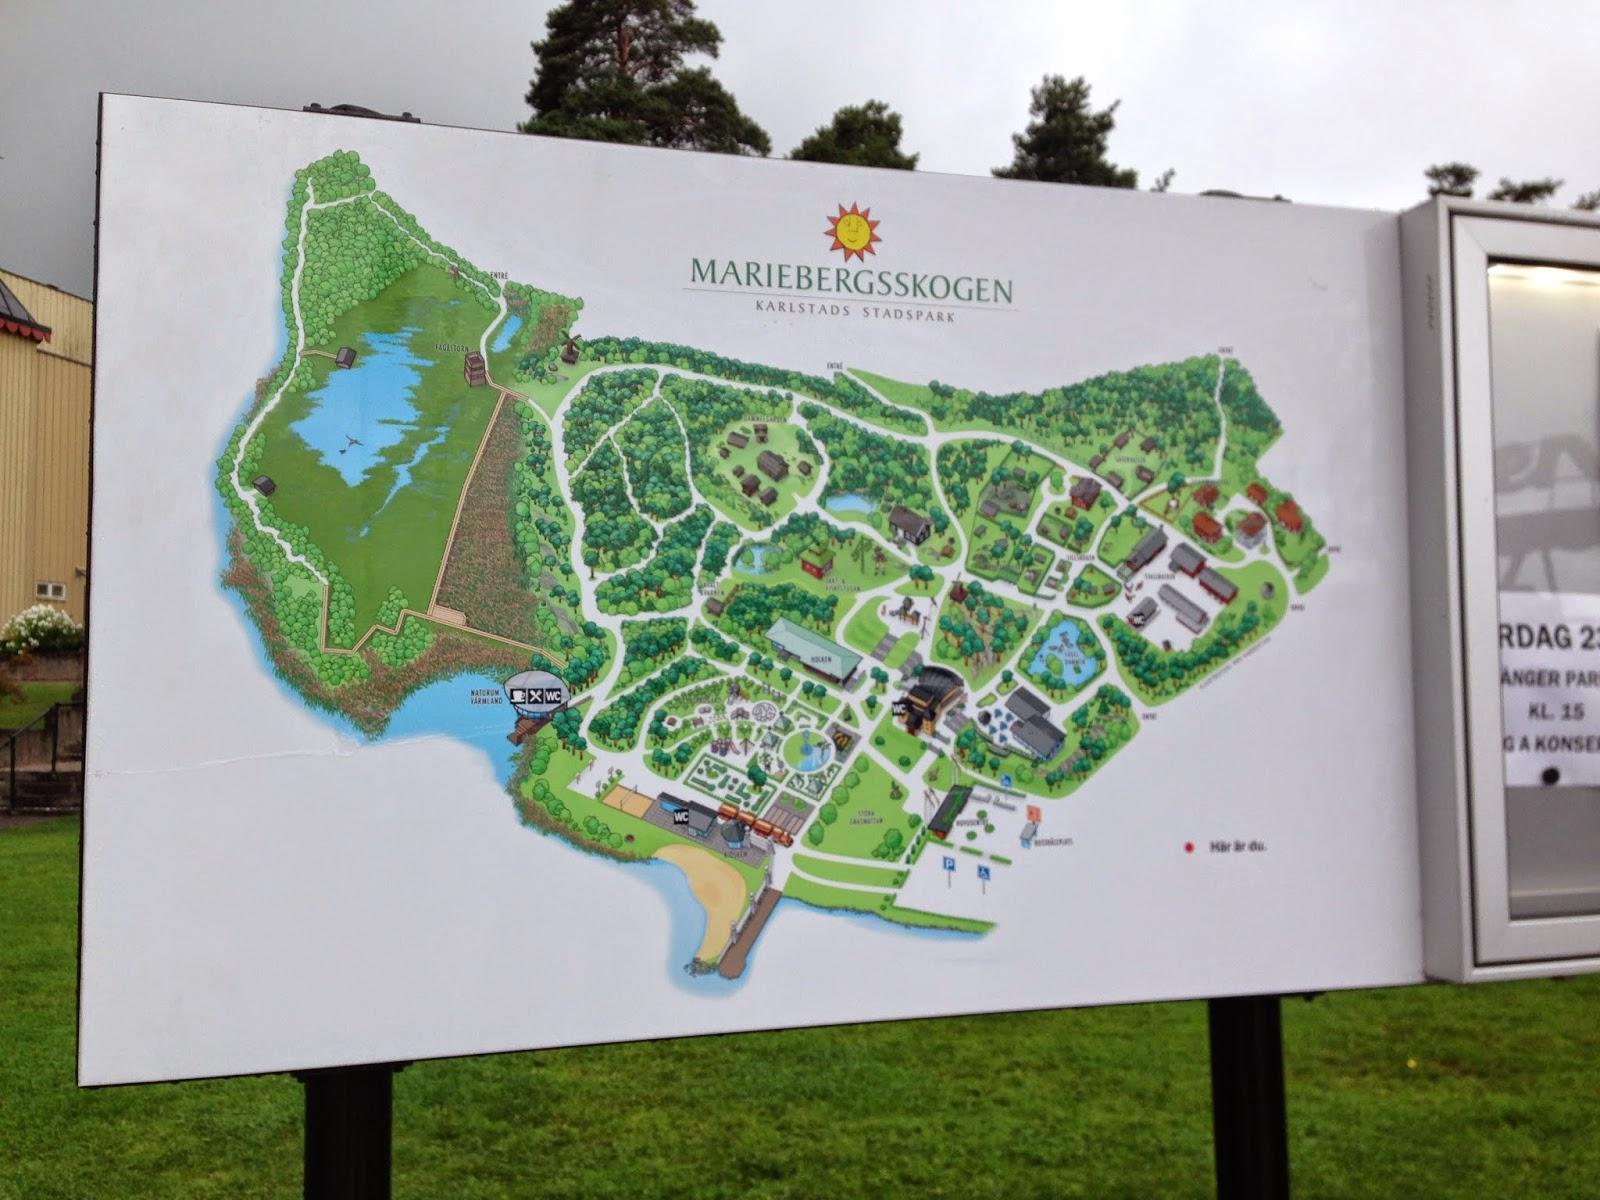 Map of Mariebergsskogen park